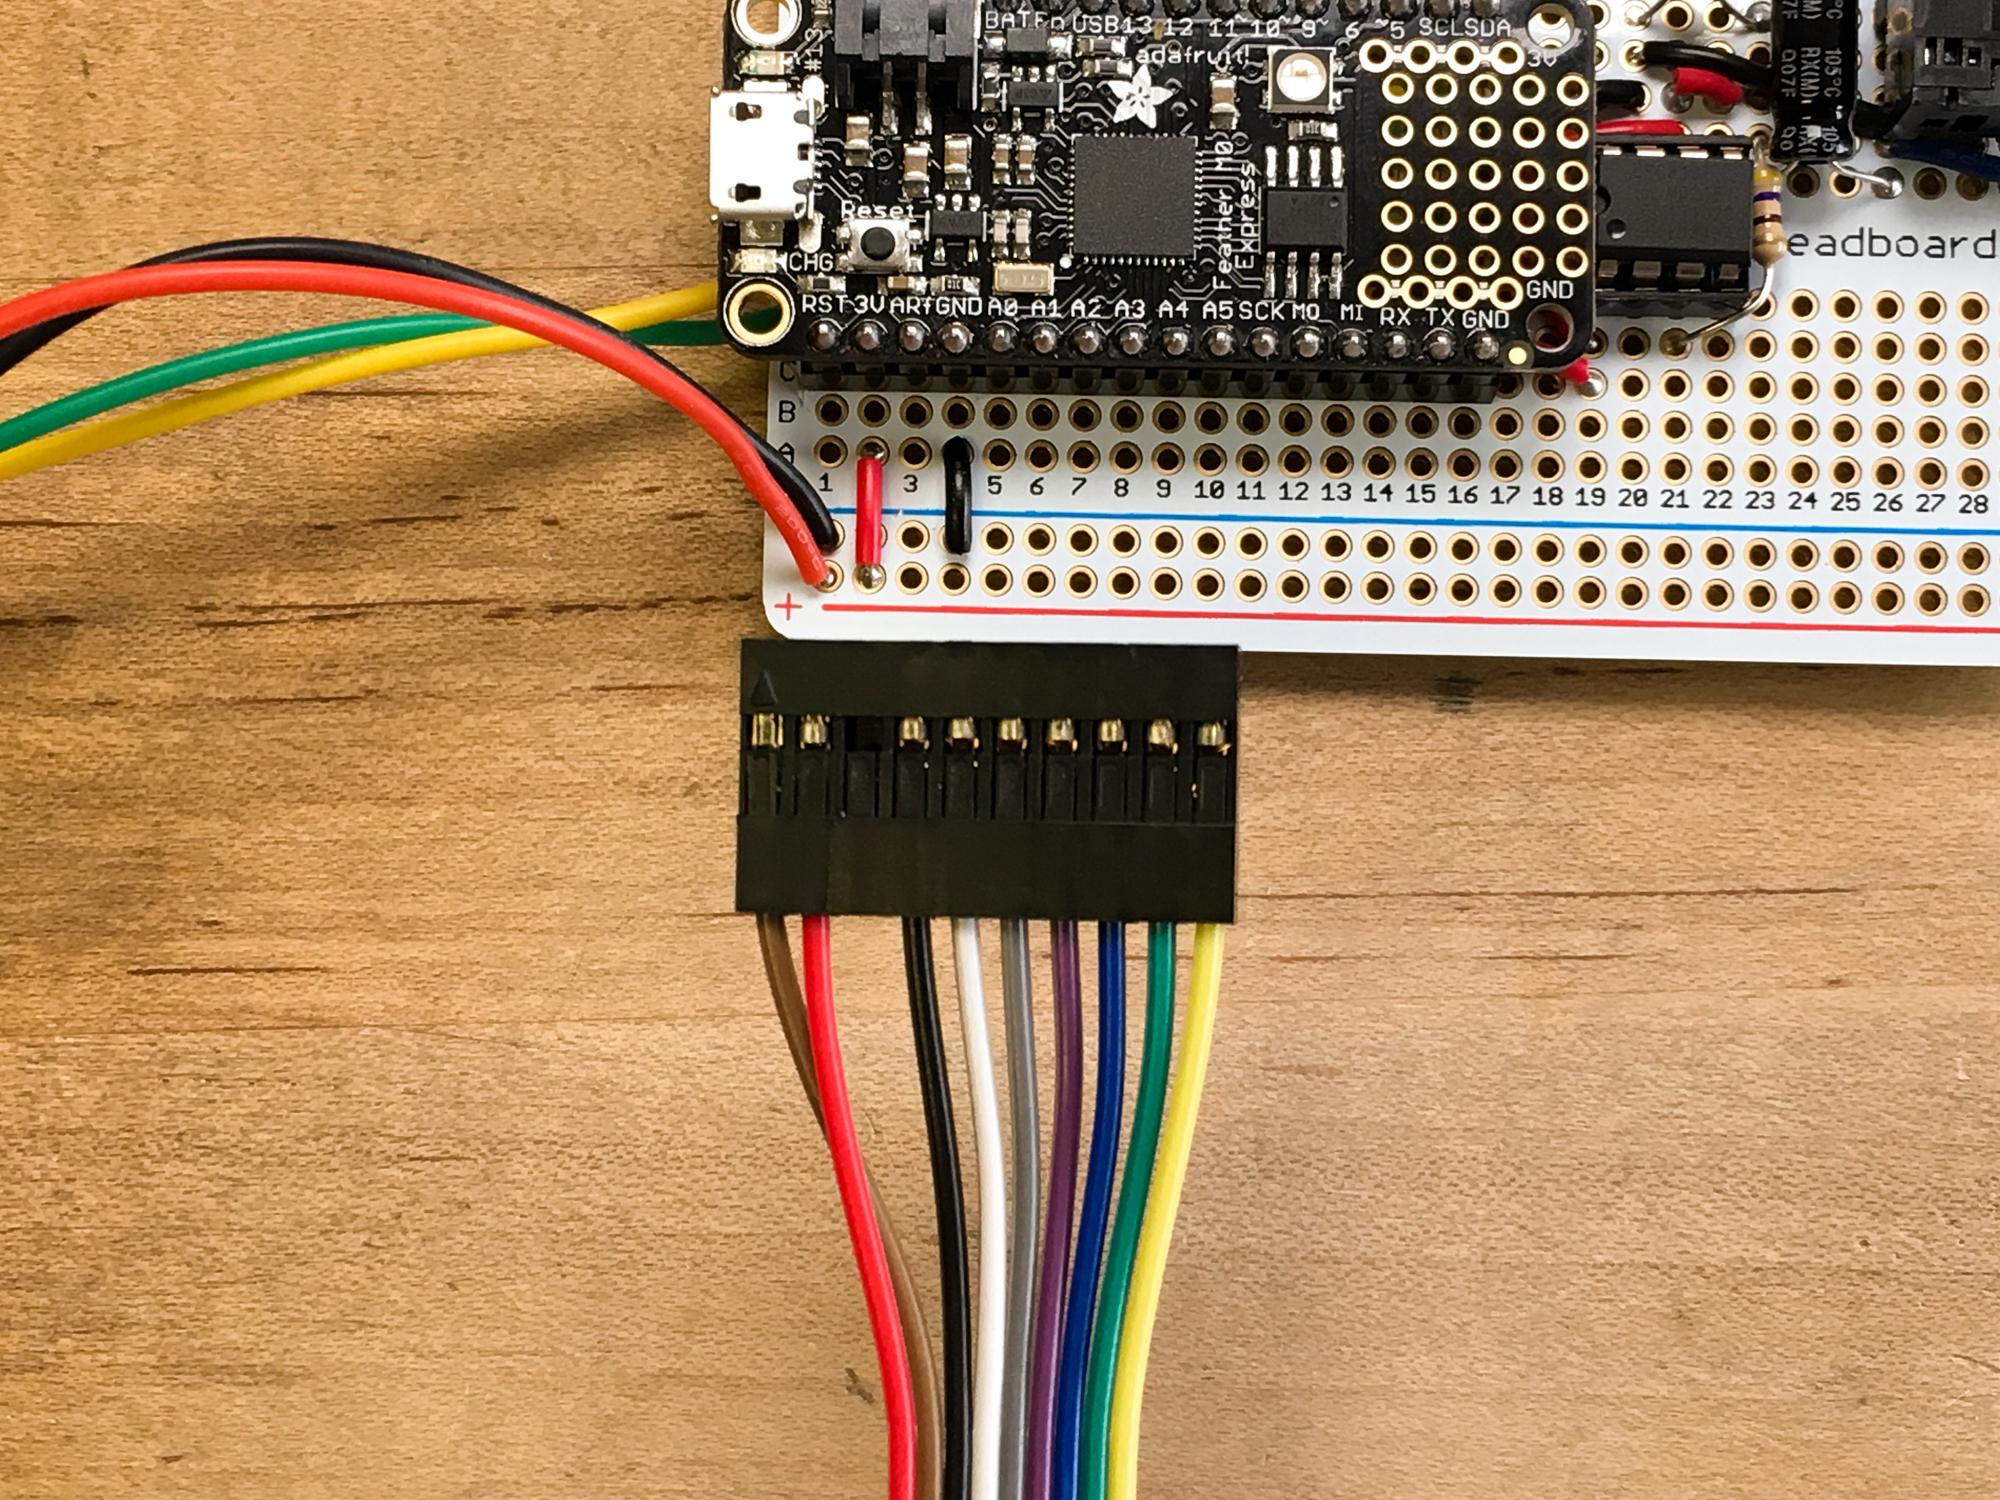 microcontrollers_IMG_1946_2k.jpg